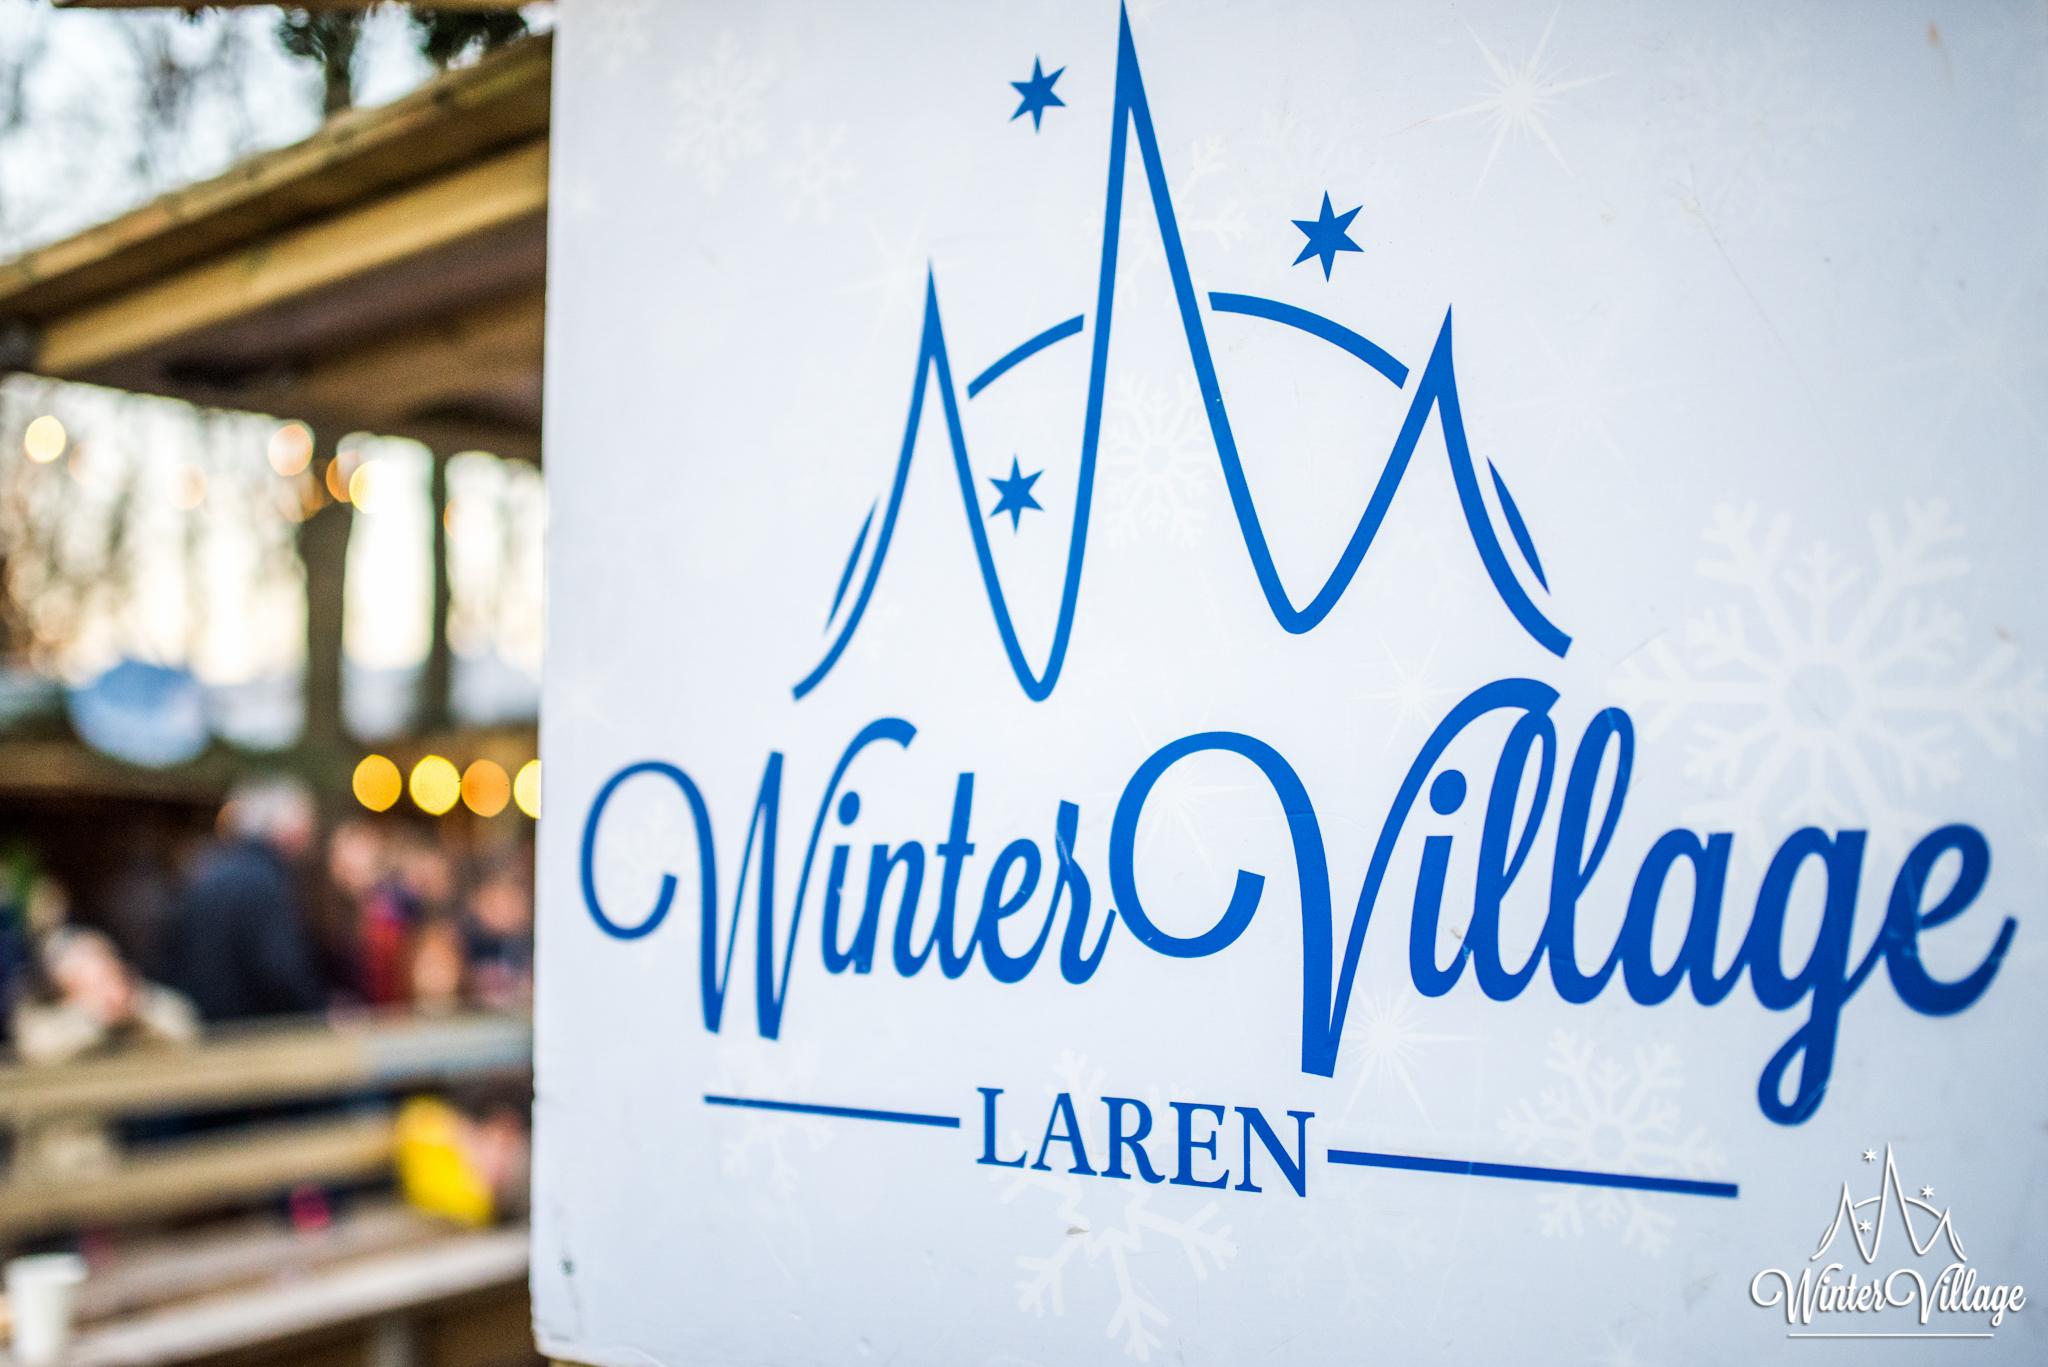 Winter Village Laren Logovermelding